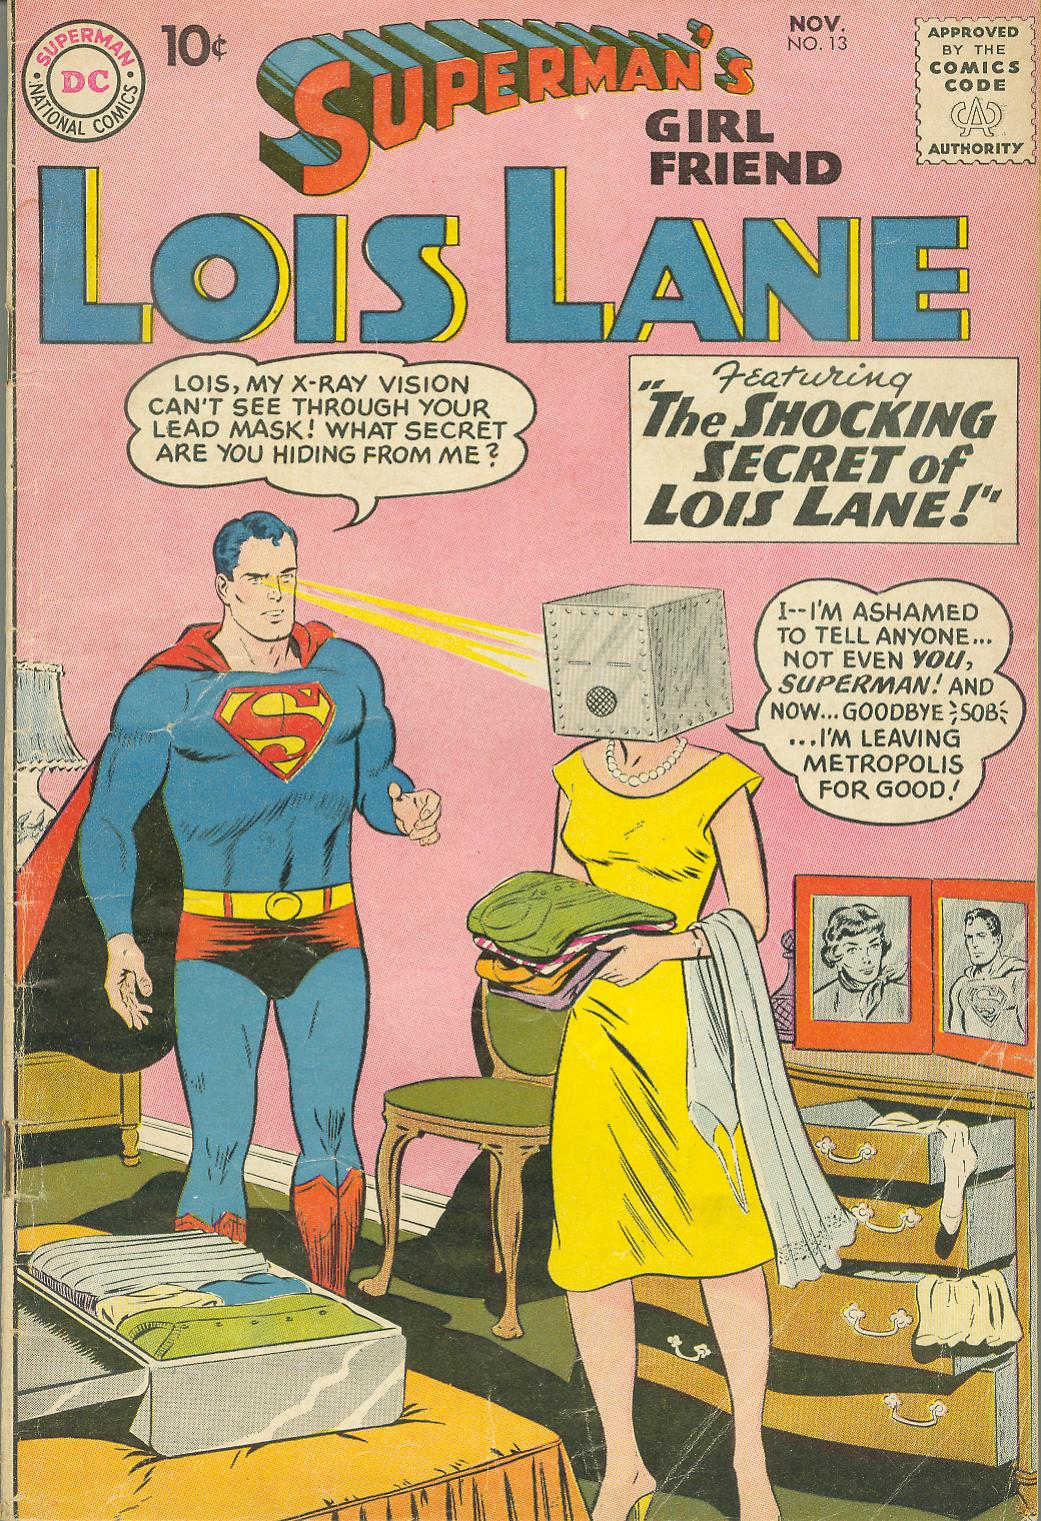 Supermans Girl Friend, Lois Lane 13 Page 1